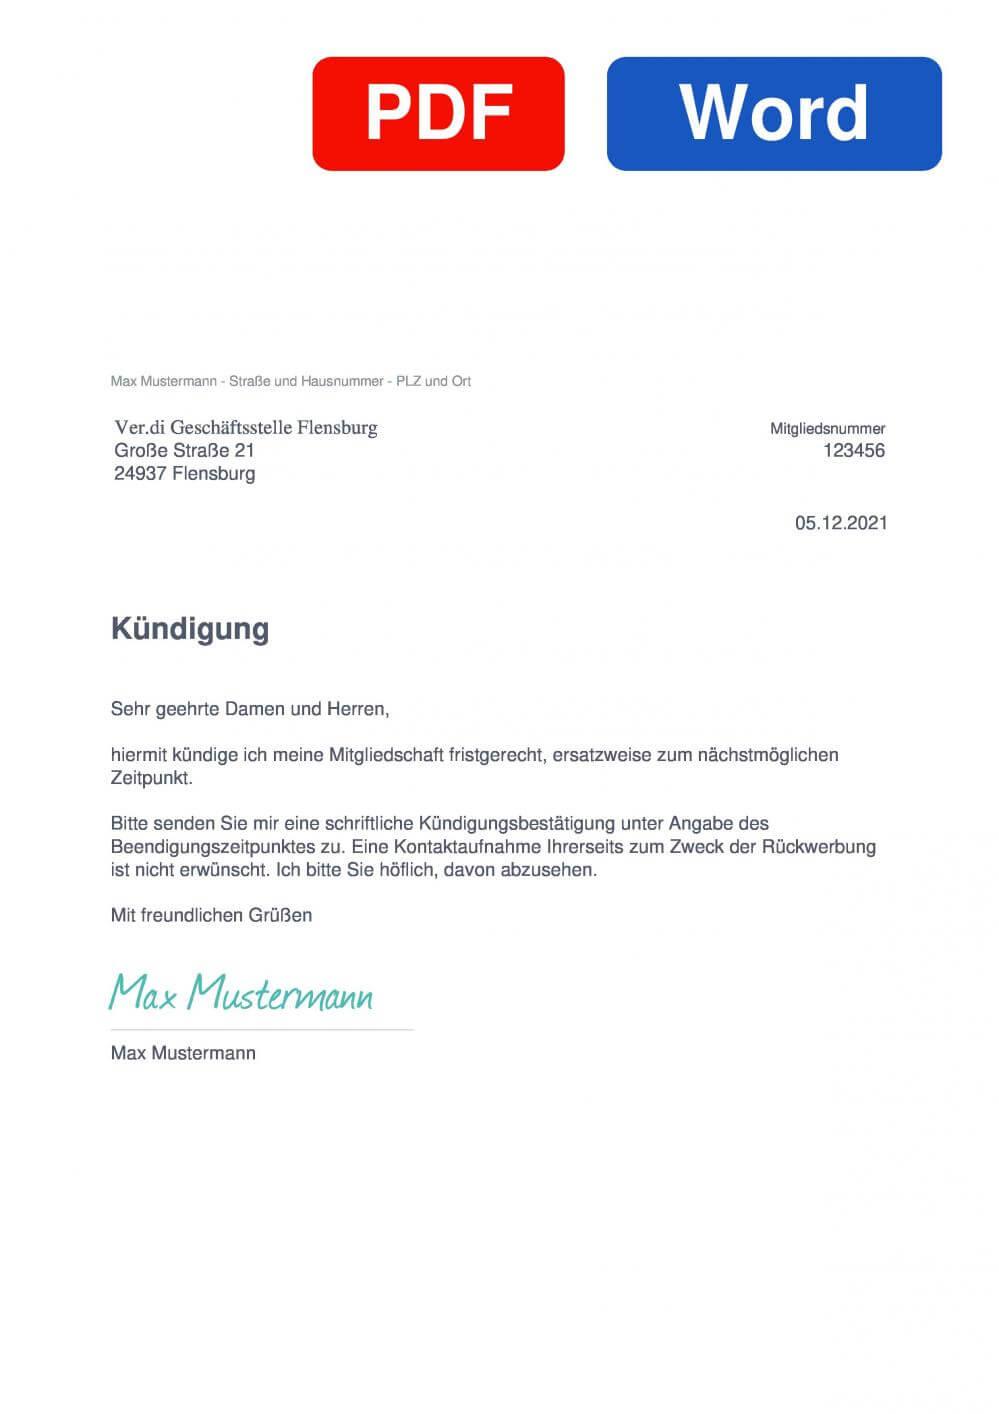 Verdi Flensburg Muster Vorlage für Kündigungsschreiben